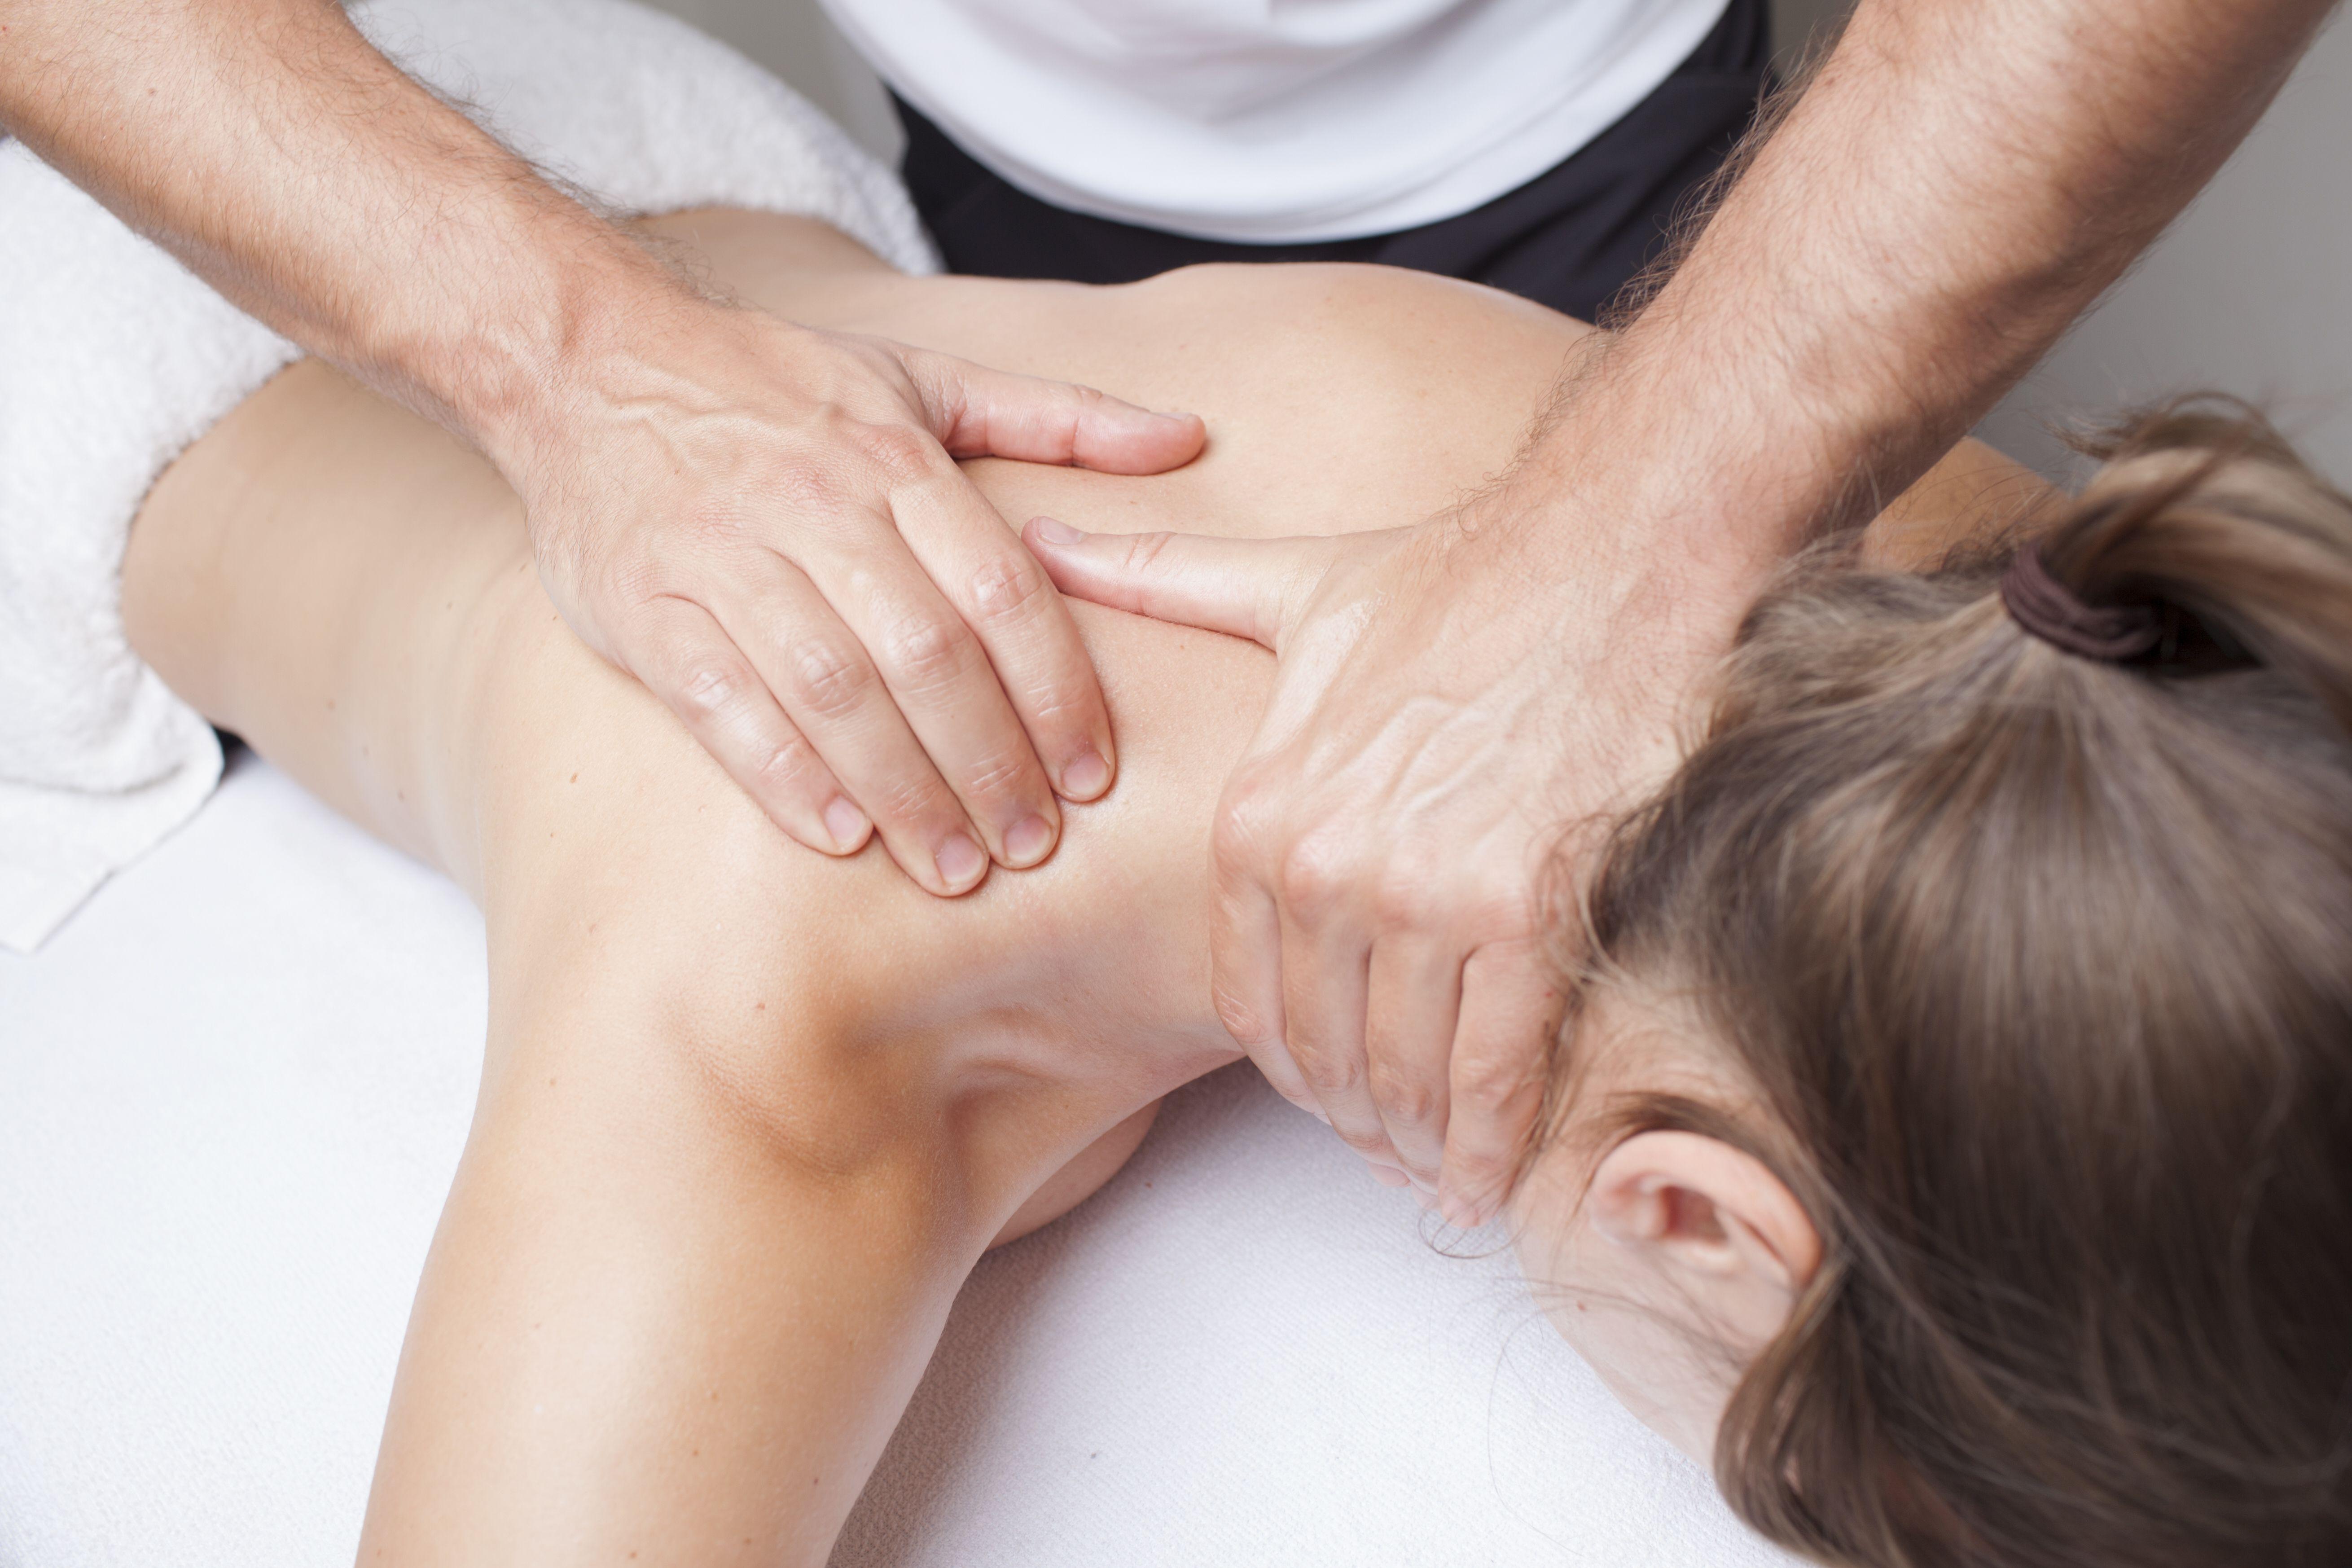 Fisioterapia y osteopatía en Madrid norte